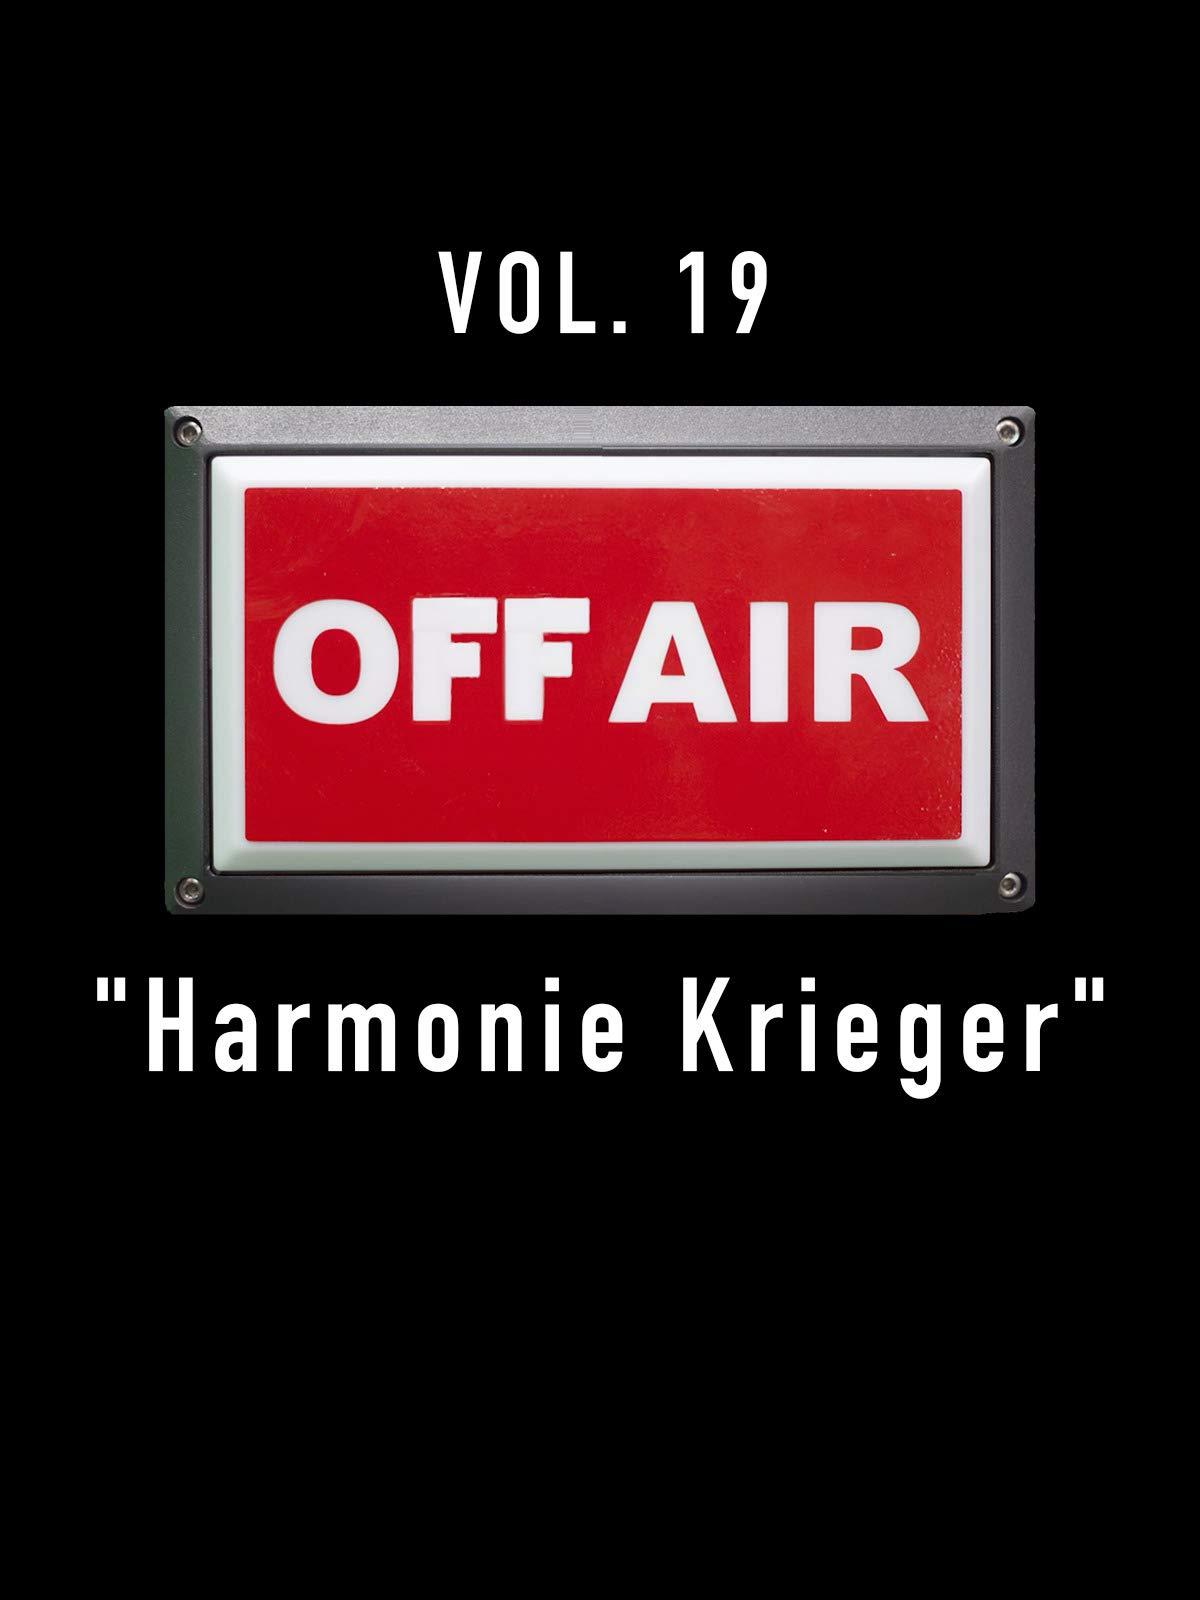 Off-Air Vol. 19